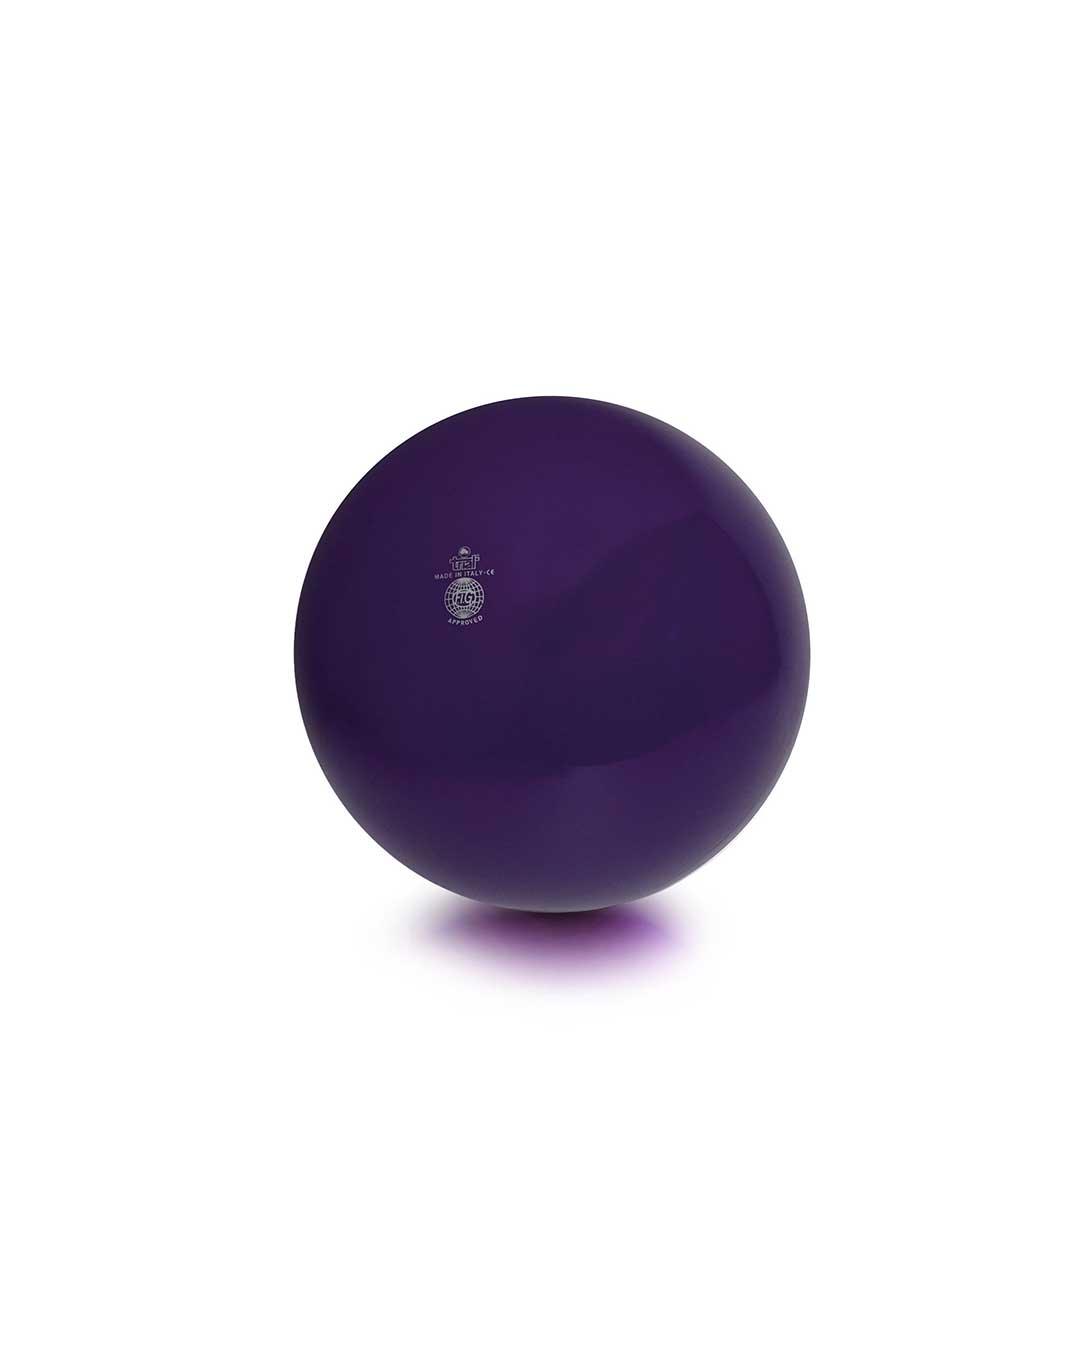 Balón liso de gimnasia rítmica TRIAL 42 morado